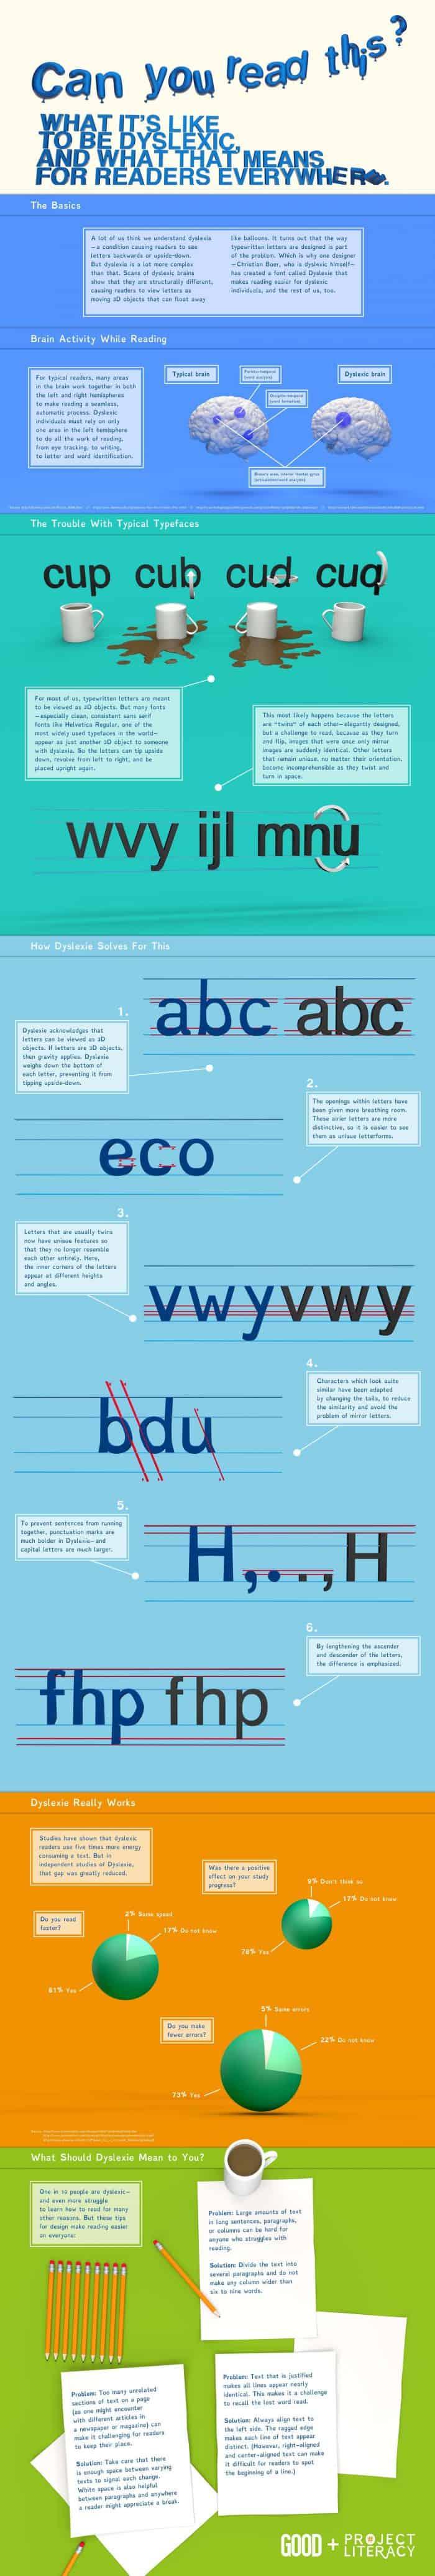 Dyslexia infographic